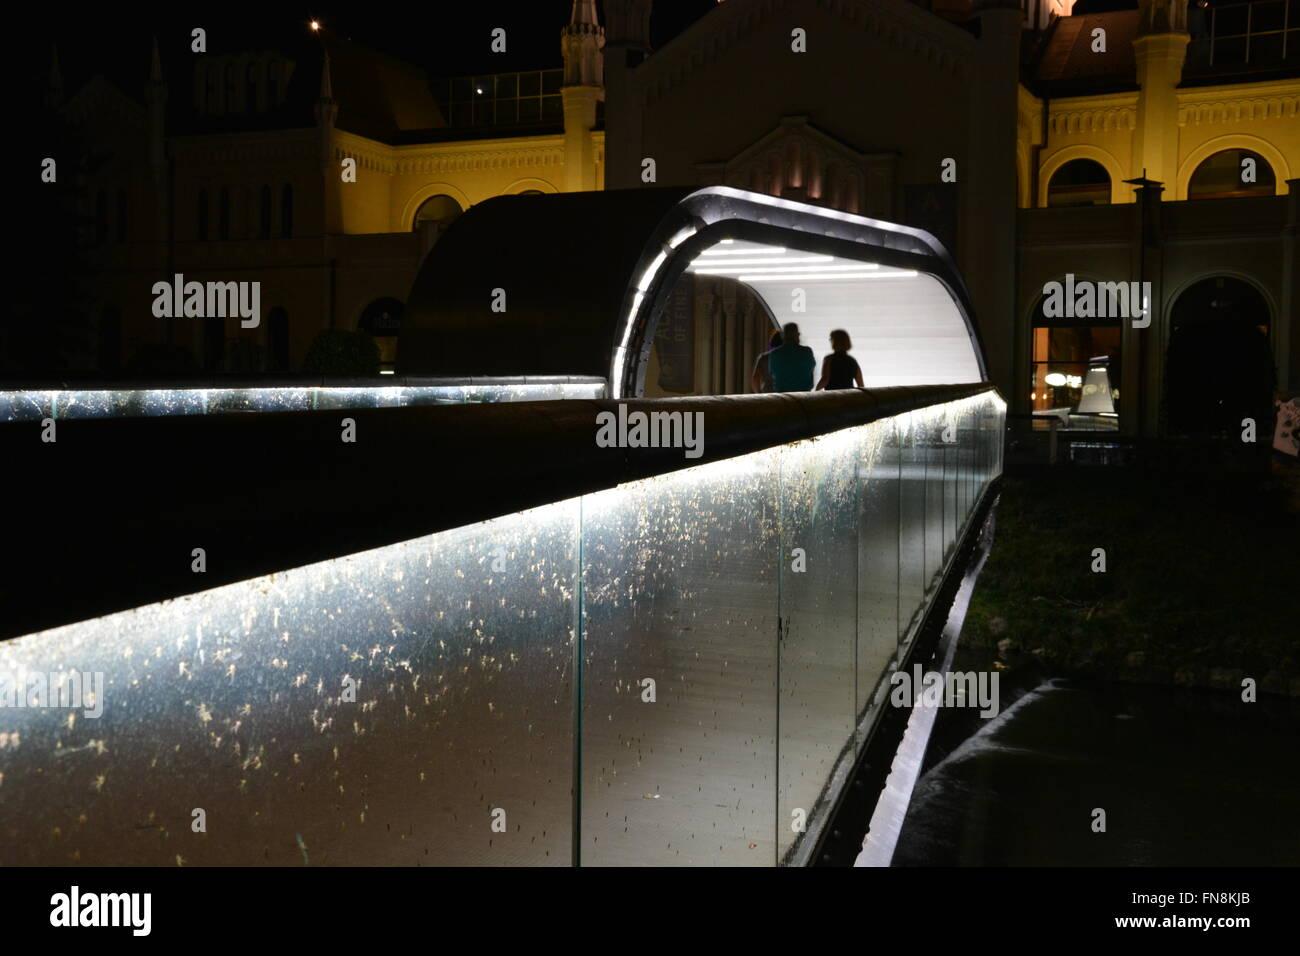 El festina lente puente peatonal conduce a la academia de bellas artes en la noche en Sarajevo, Bosnia y Herzegovina. Imagen De Stock